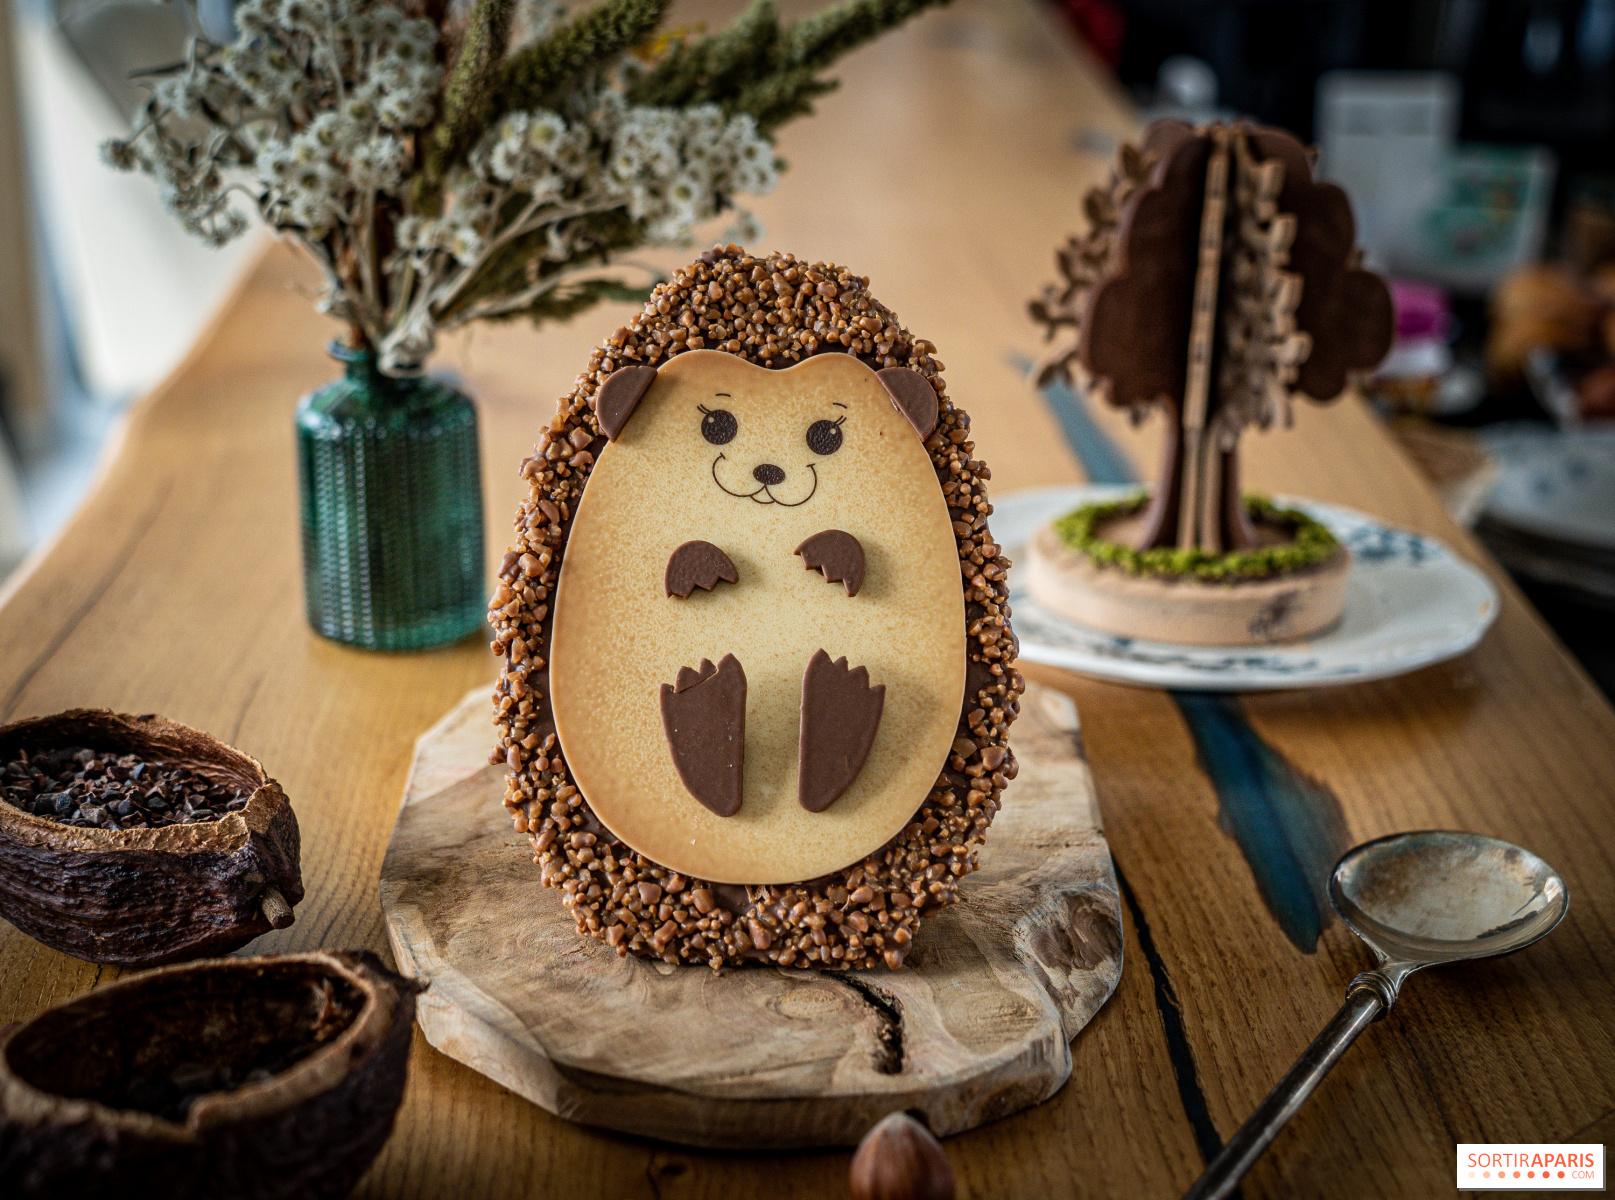 Chocolats de Pâques 2021 de Lenôtre - Sortiraparis.com